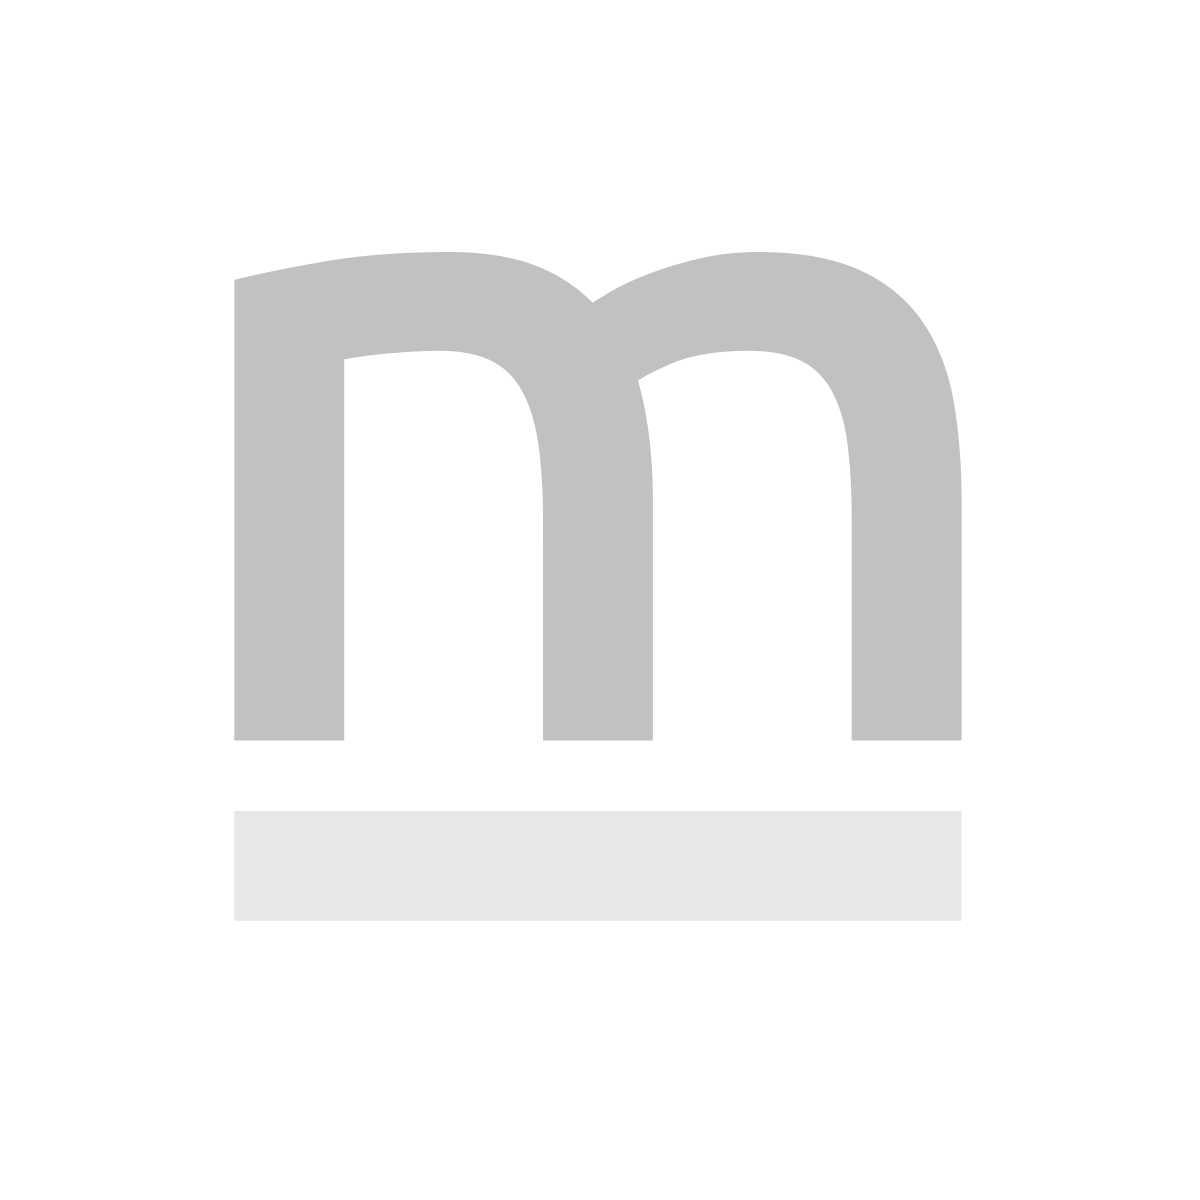 Dywan dziecięcy TRICOLOR STAR 120x160 szary/niebieski